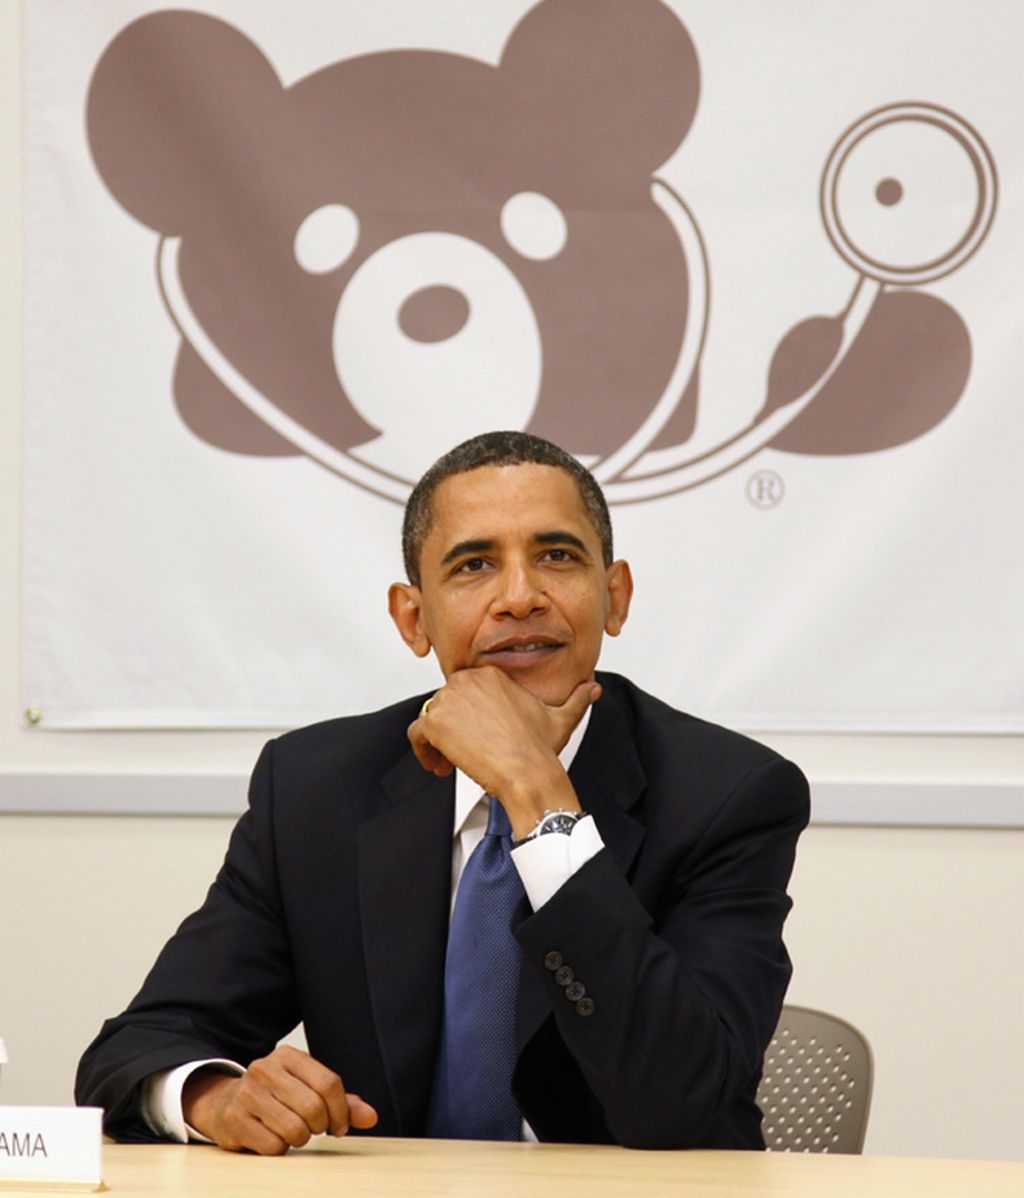 La reforma sanitaria, gran apuesta de Obama